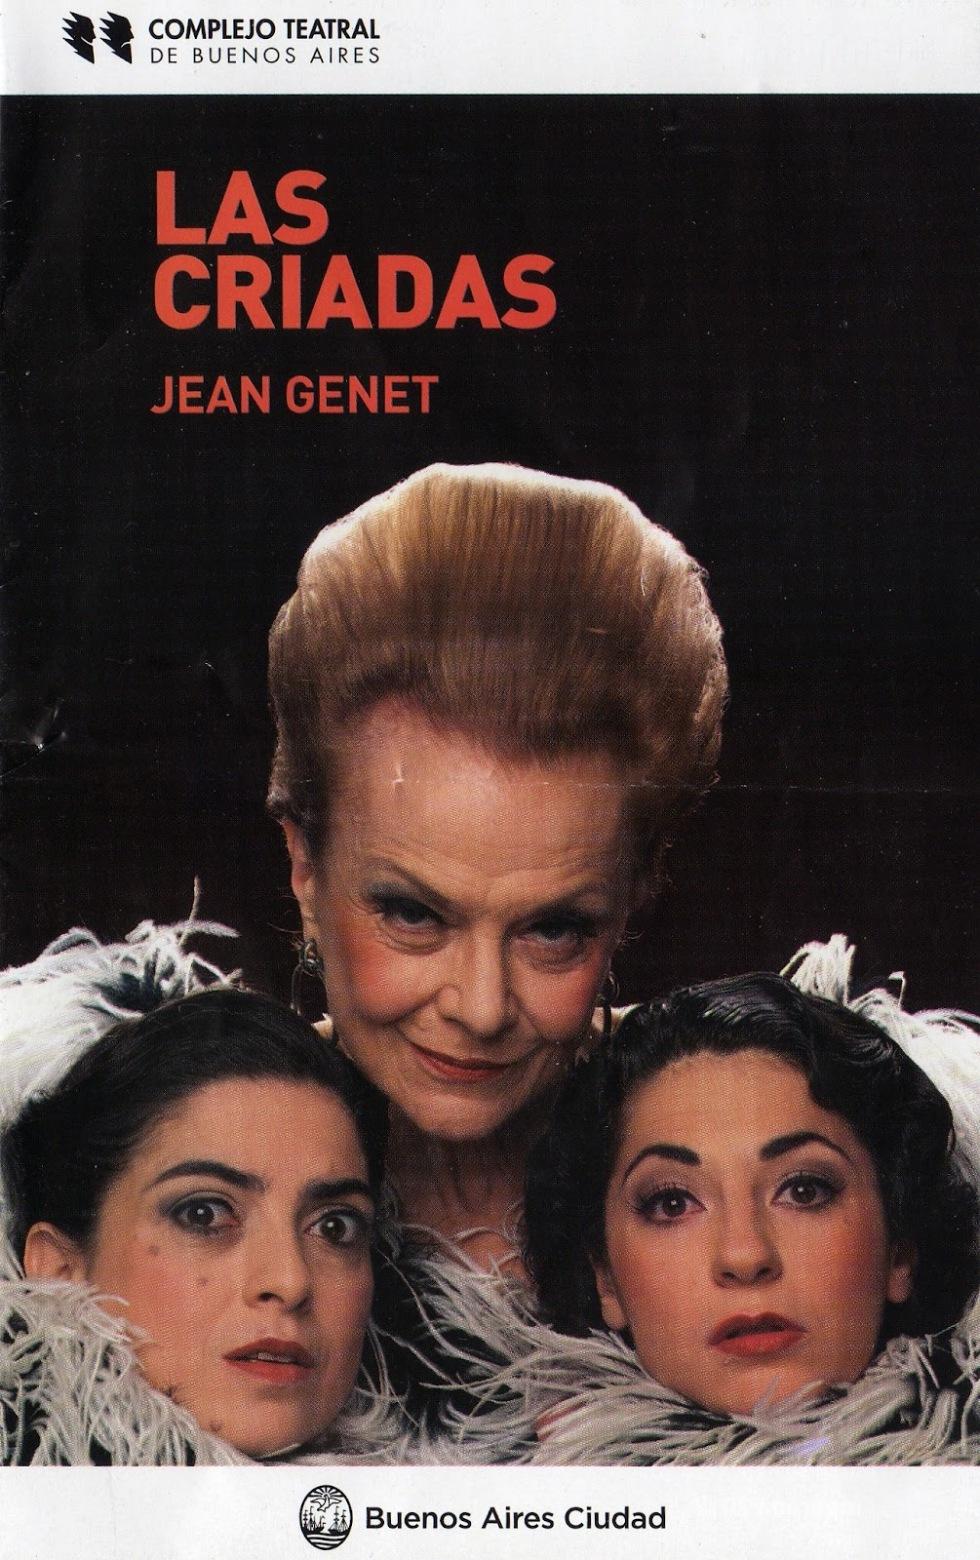 LAS CRIADAS170